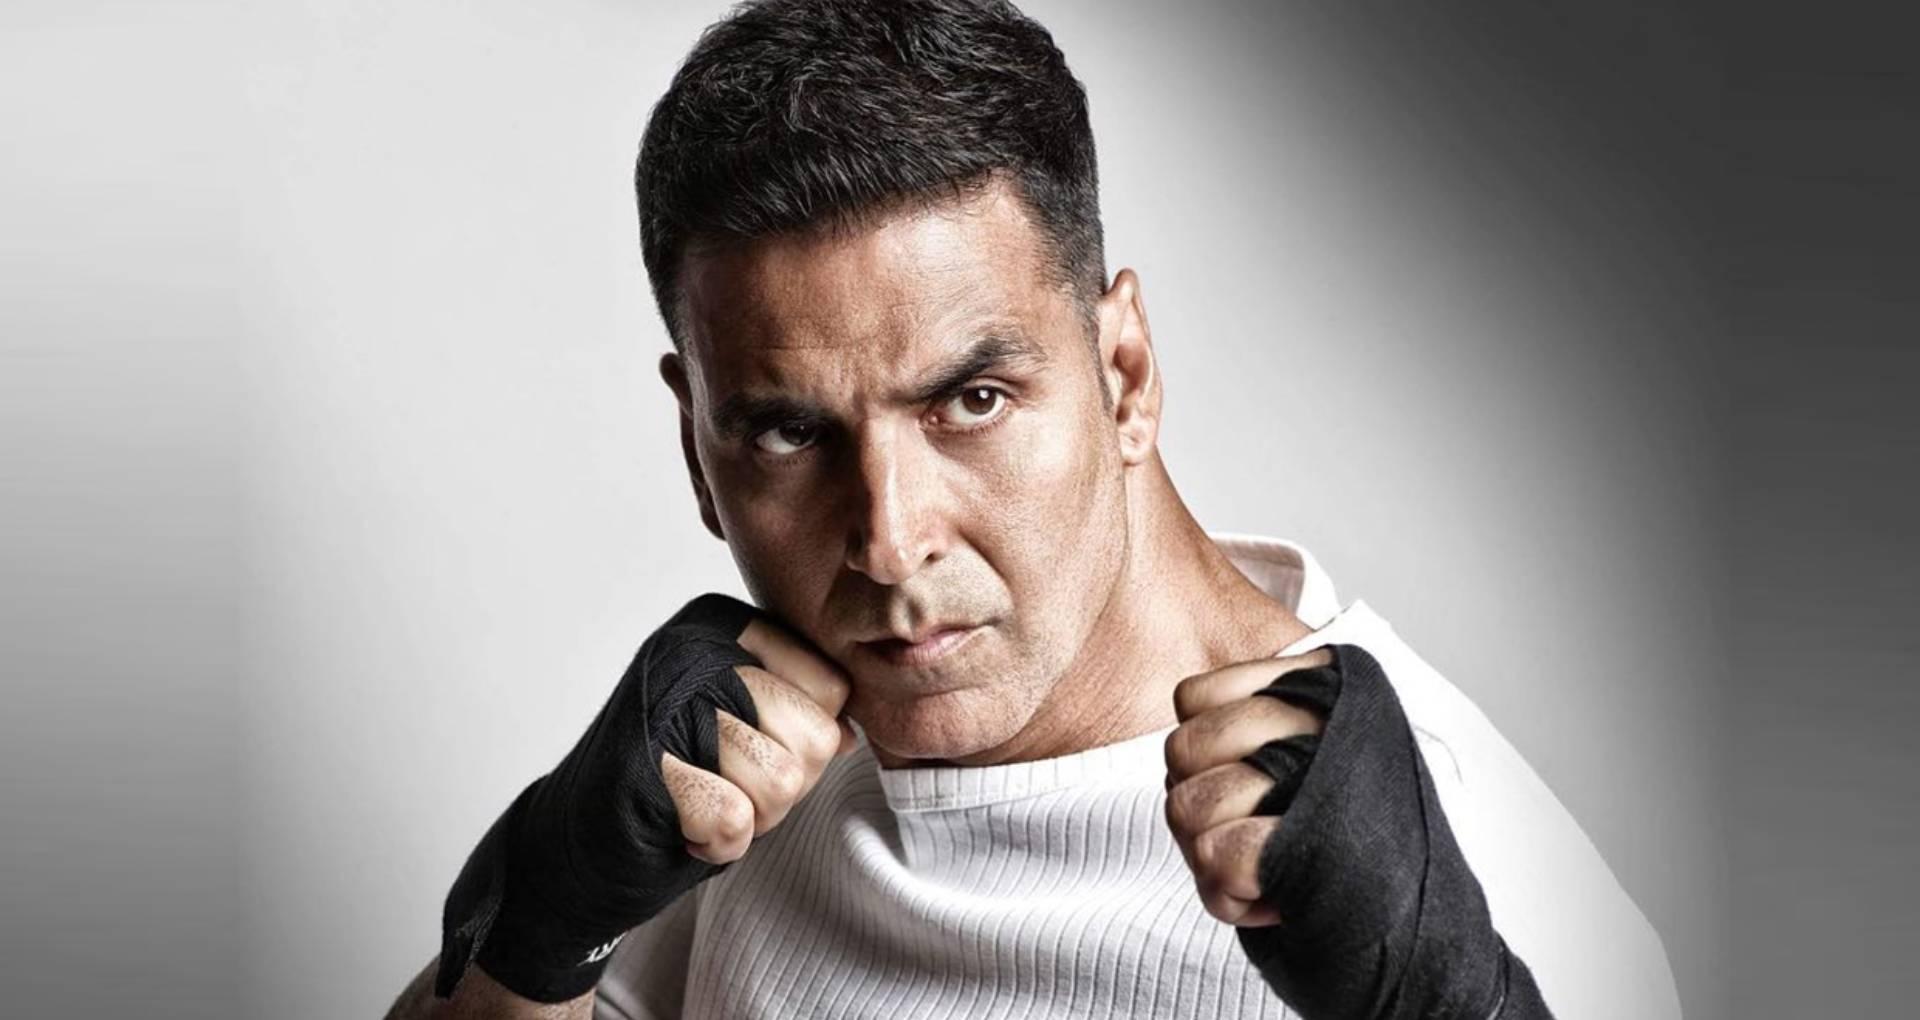 इस फिल्म में अक्षय कुमार निभाएंगे पृथ्वीराज चौहान का किरदार, दिखाएंगे भारतीय इतिहास की झलक